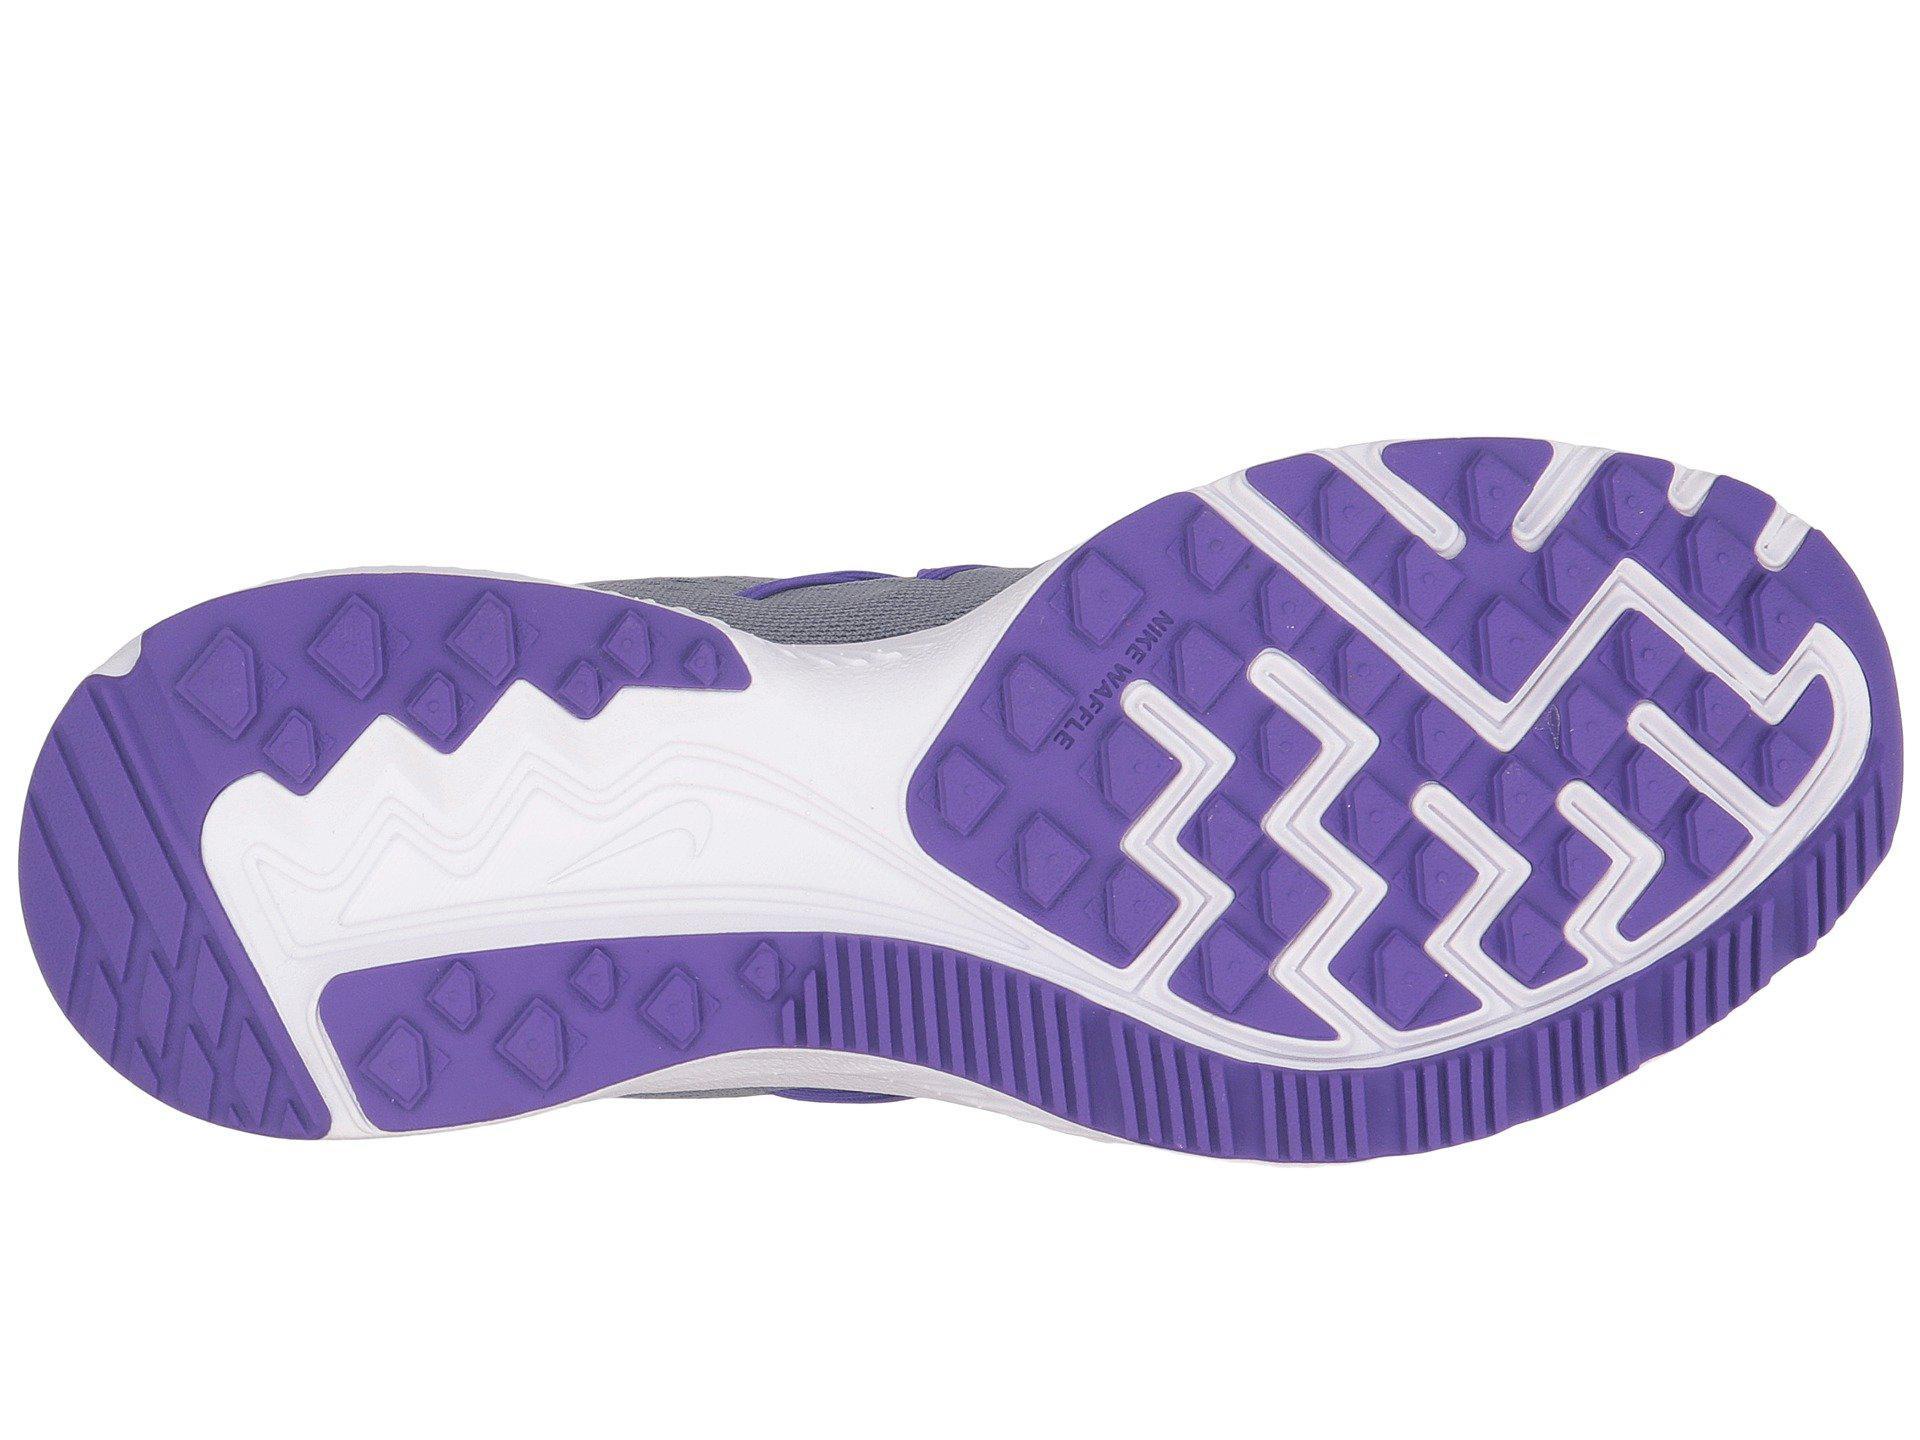 huge selection of 3ec19 de722 Nike Zoom Winflo 3 in Purple - Lyst